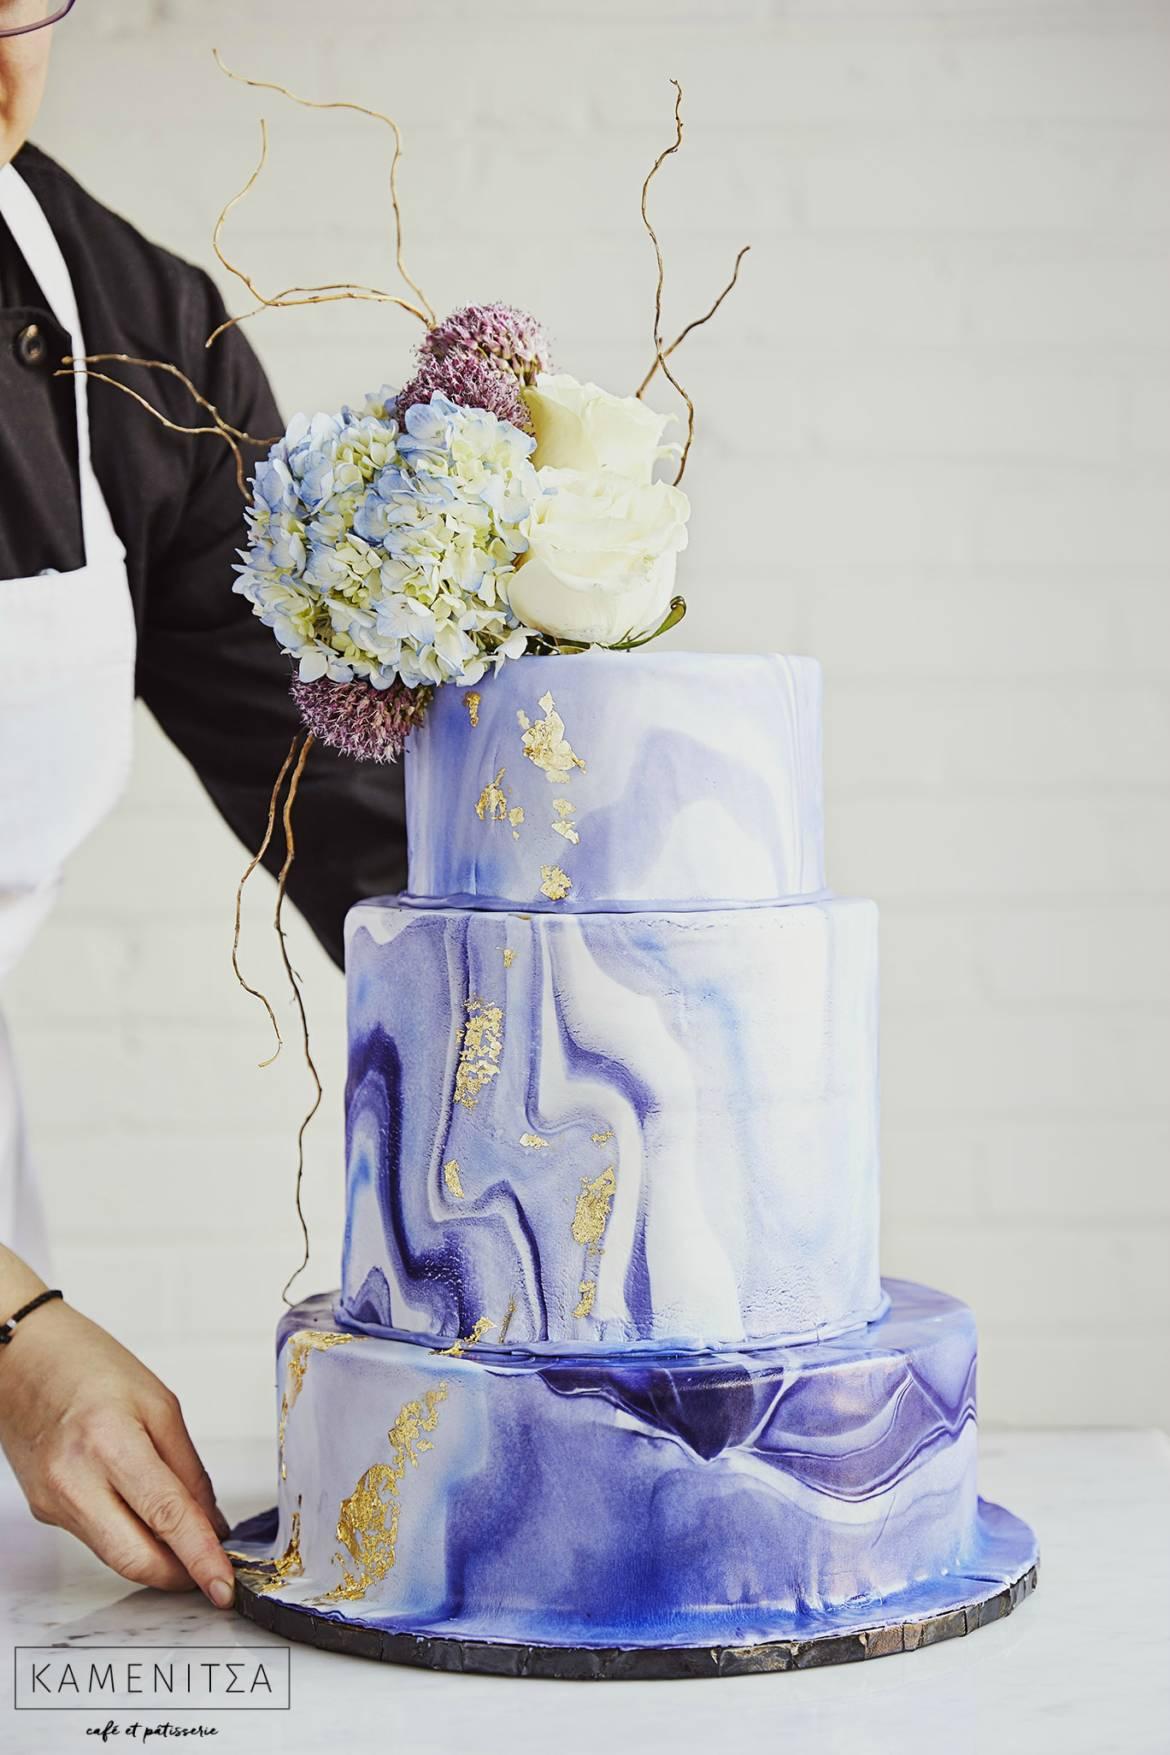 Li_Sylvie_Kamenitsa_cake_02WM.jpg